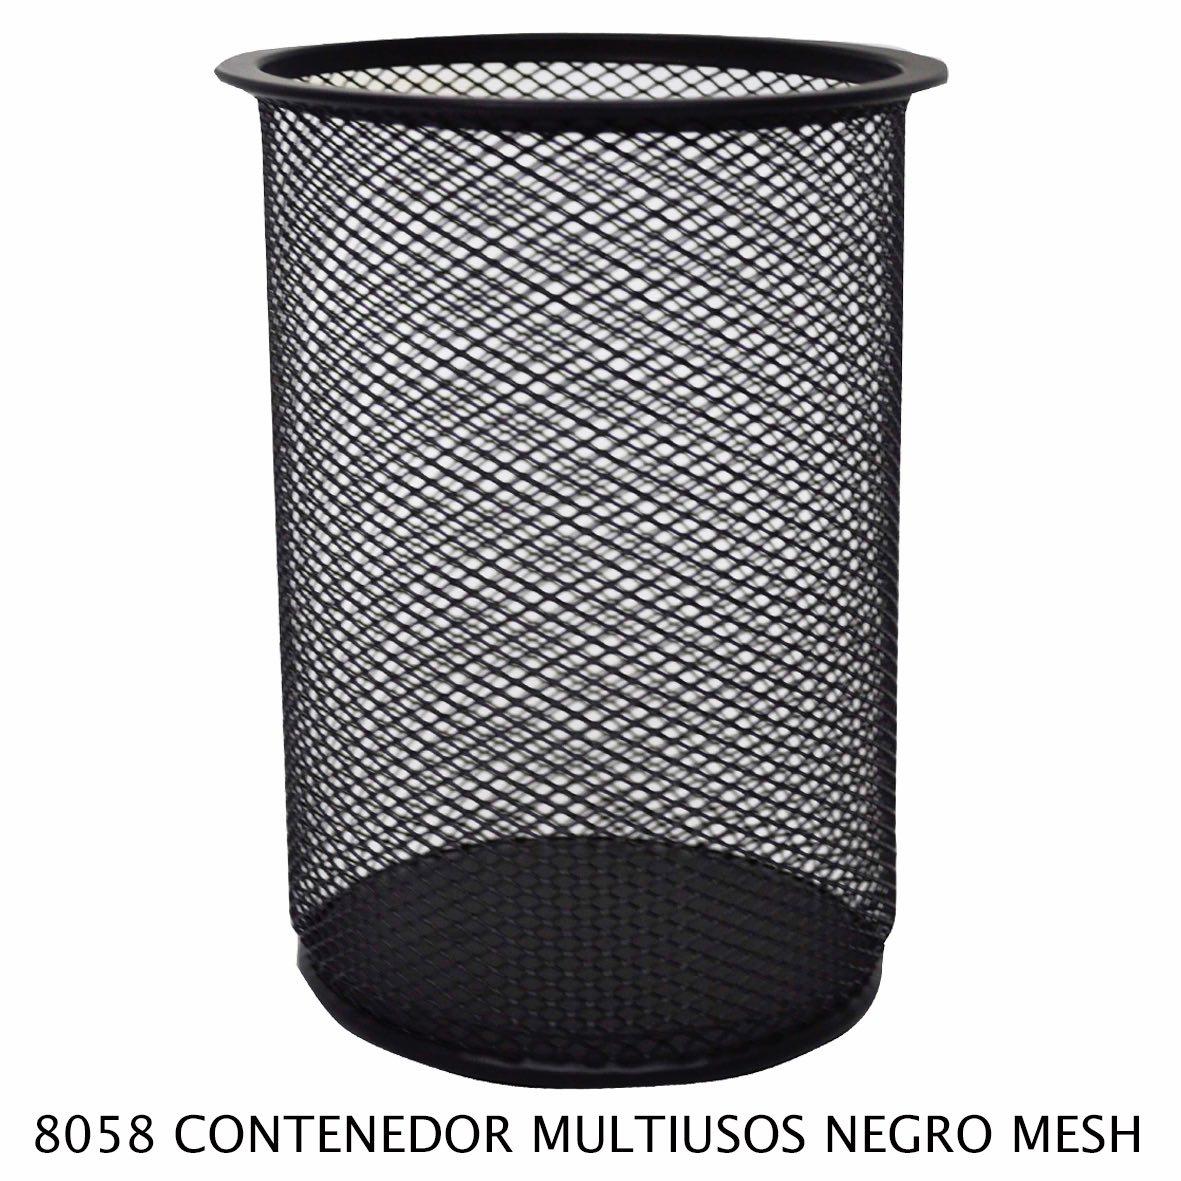 Bote de basura multiusos Negro Mesh modelo 8058 de Sablón